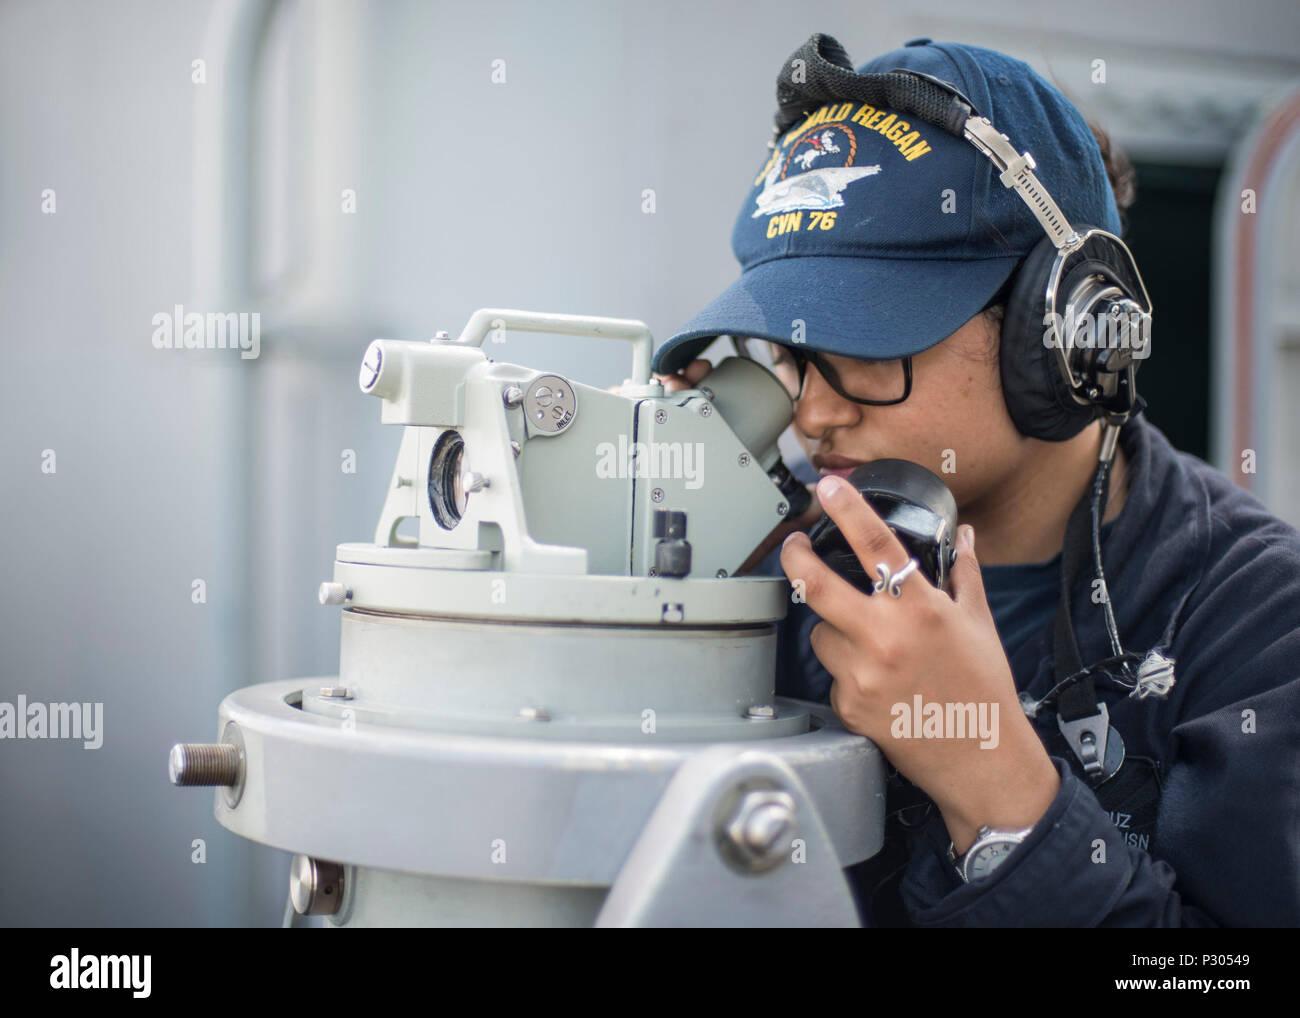 160817-N-NF288-190 Tokyo Bay (Agosto 17, 2016) Quartermaster marinaio reclutare Renna Cruz, dalla Wharton, Texas, sorge il porto-introduttore del cuscinetto guarda a bordo della marina in avanti solo schierate portaerei USS Ronald Reagan (CVN 76), in quanto la nave prende il via per la scheda di ispezione e di indagine (INSURV) test. La porta-introduttore del cuscinetto guarda fisso per gli aiuti alla navigazione come fari e torri radio per determinare il punto nave. Ronald Reagan fornisce un combattimento-ready, forza che protegge e difende il collettivo agli interessi marittimi degli Stati Uniti e dei suoi alleati e partner in Indo-Asia-P Immagini Stock